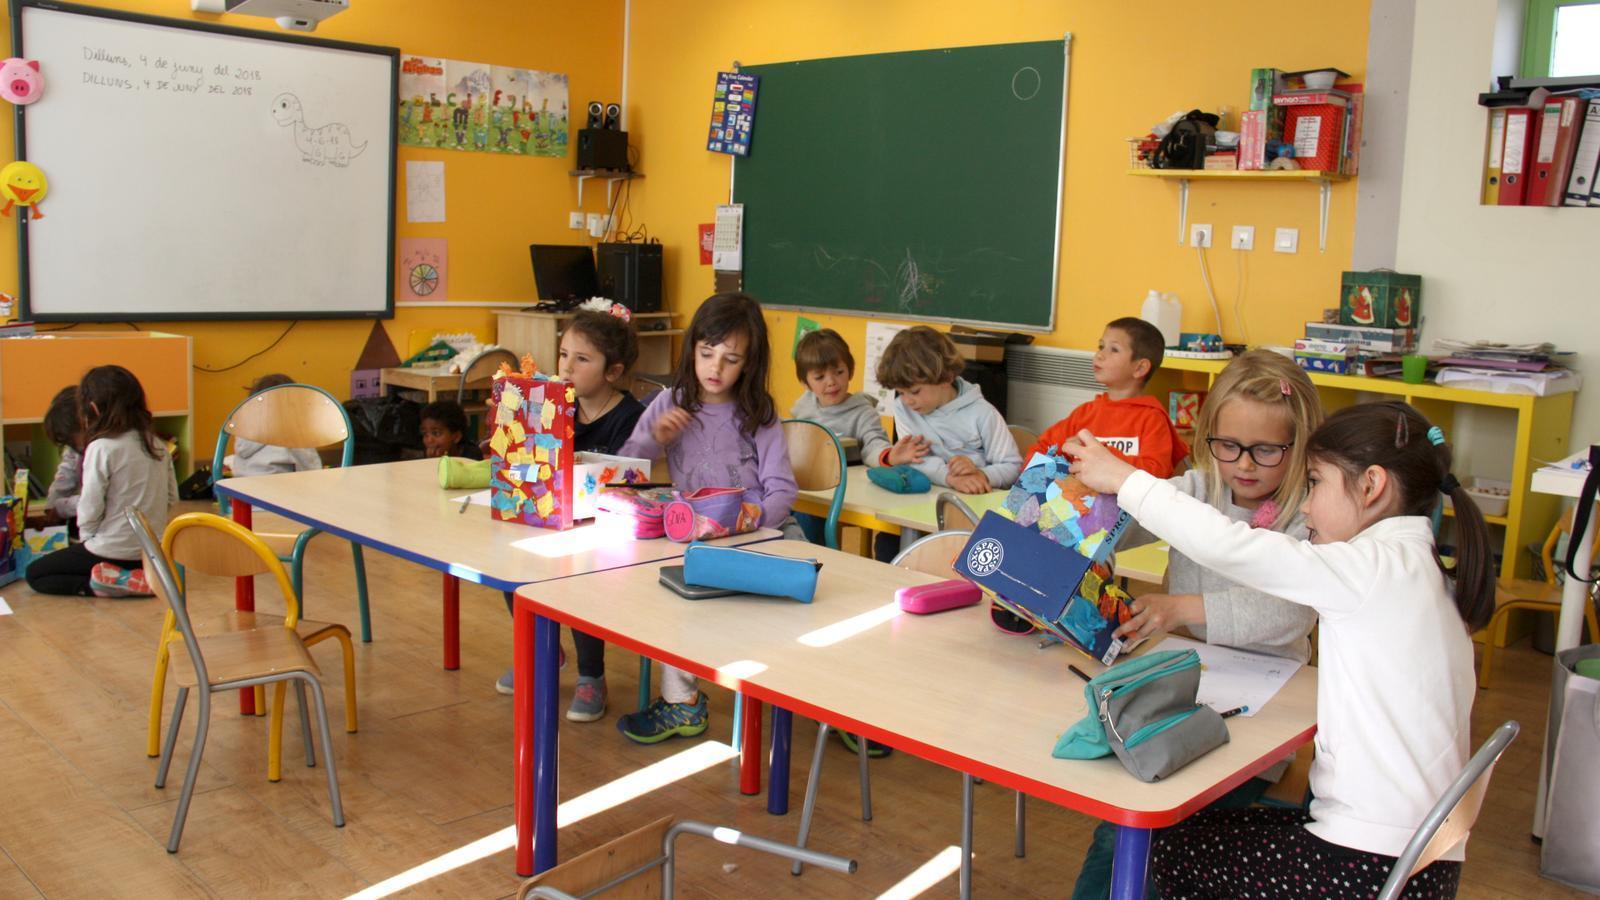 Un grup d'alumnes de l'escola Jordi Pere Cerdà de Sallagosa (Alta Cerdanya) fent activitats